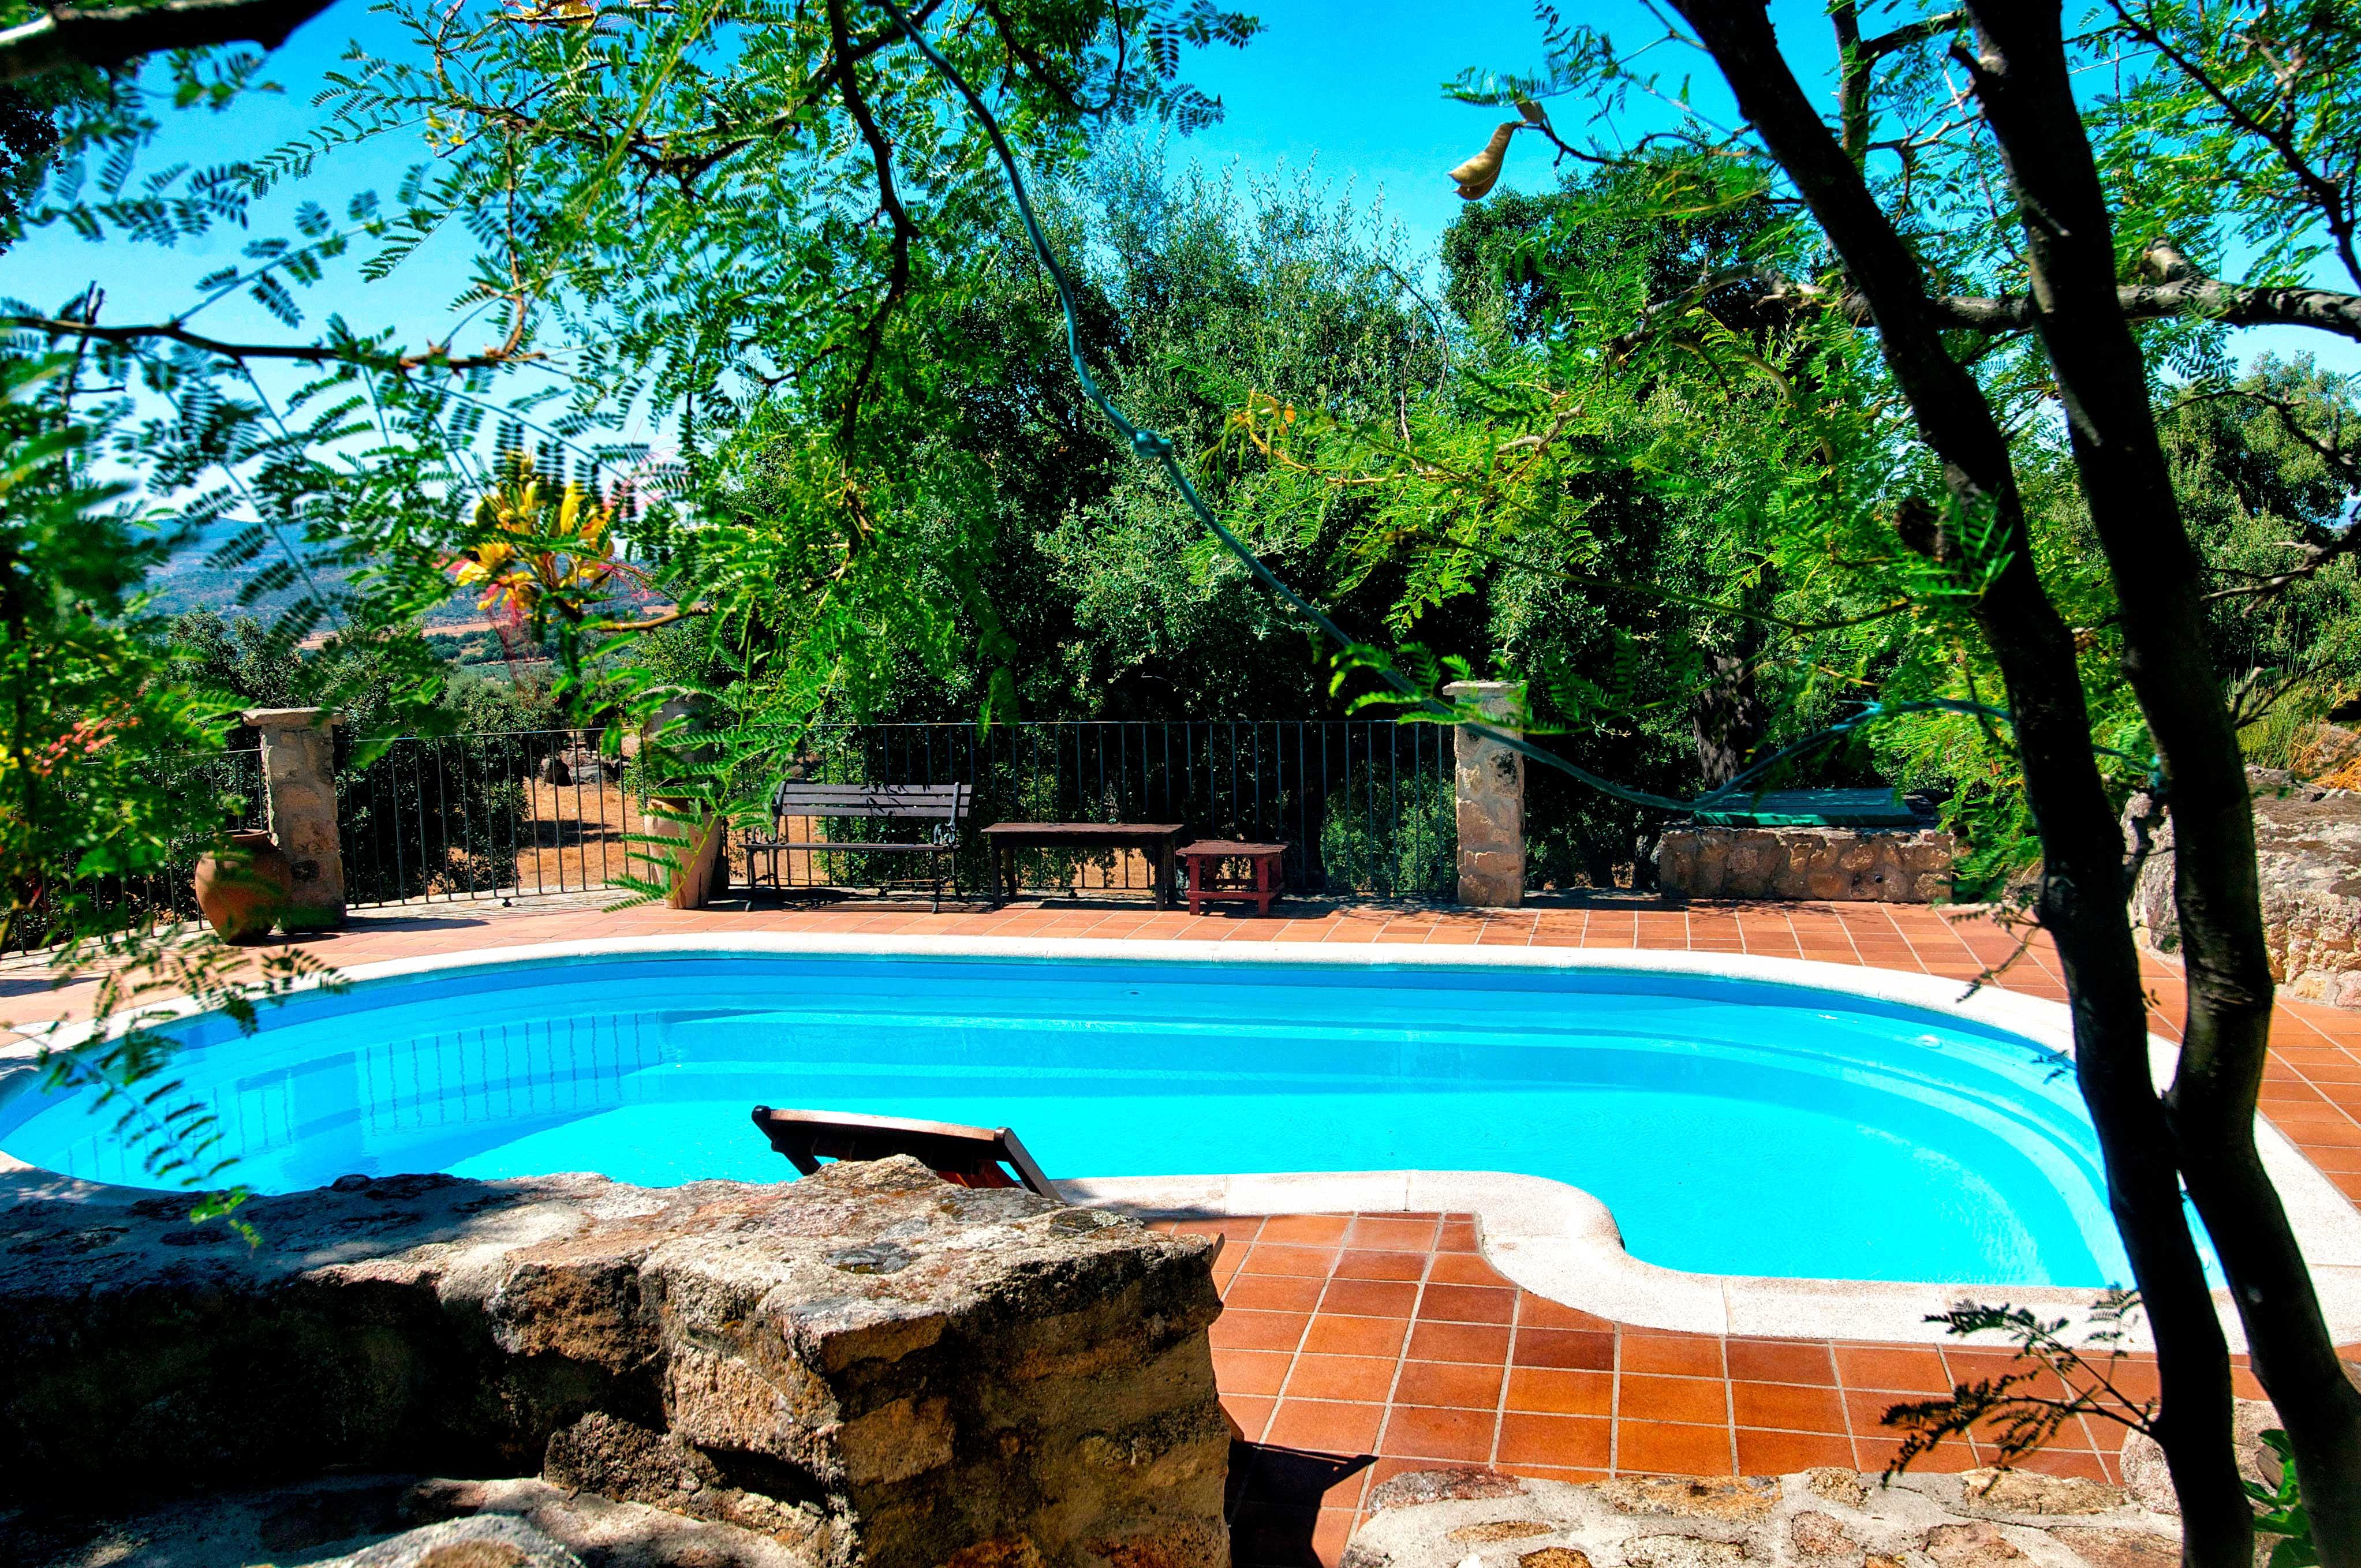 Casa navafr a casa de campo en mont nchez alojamiento en mont nchez casa navafr a turismo - Montanchez casa rural ...